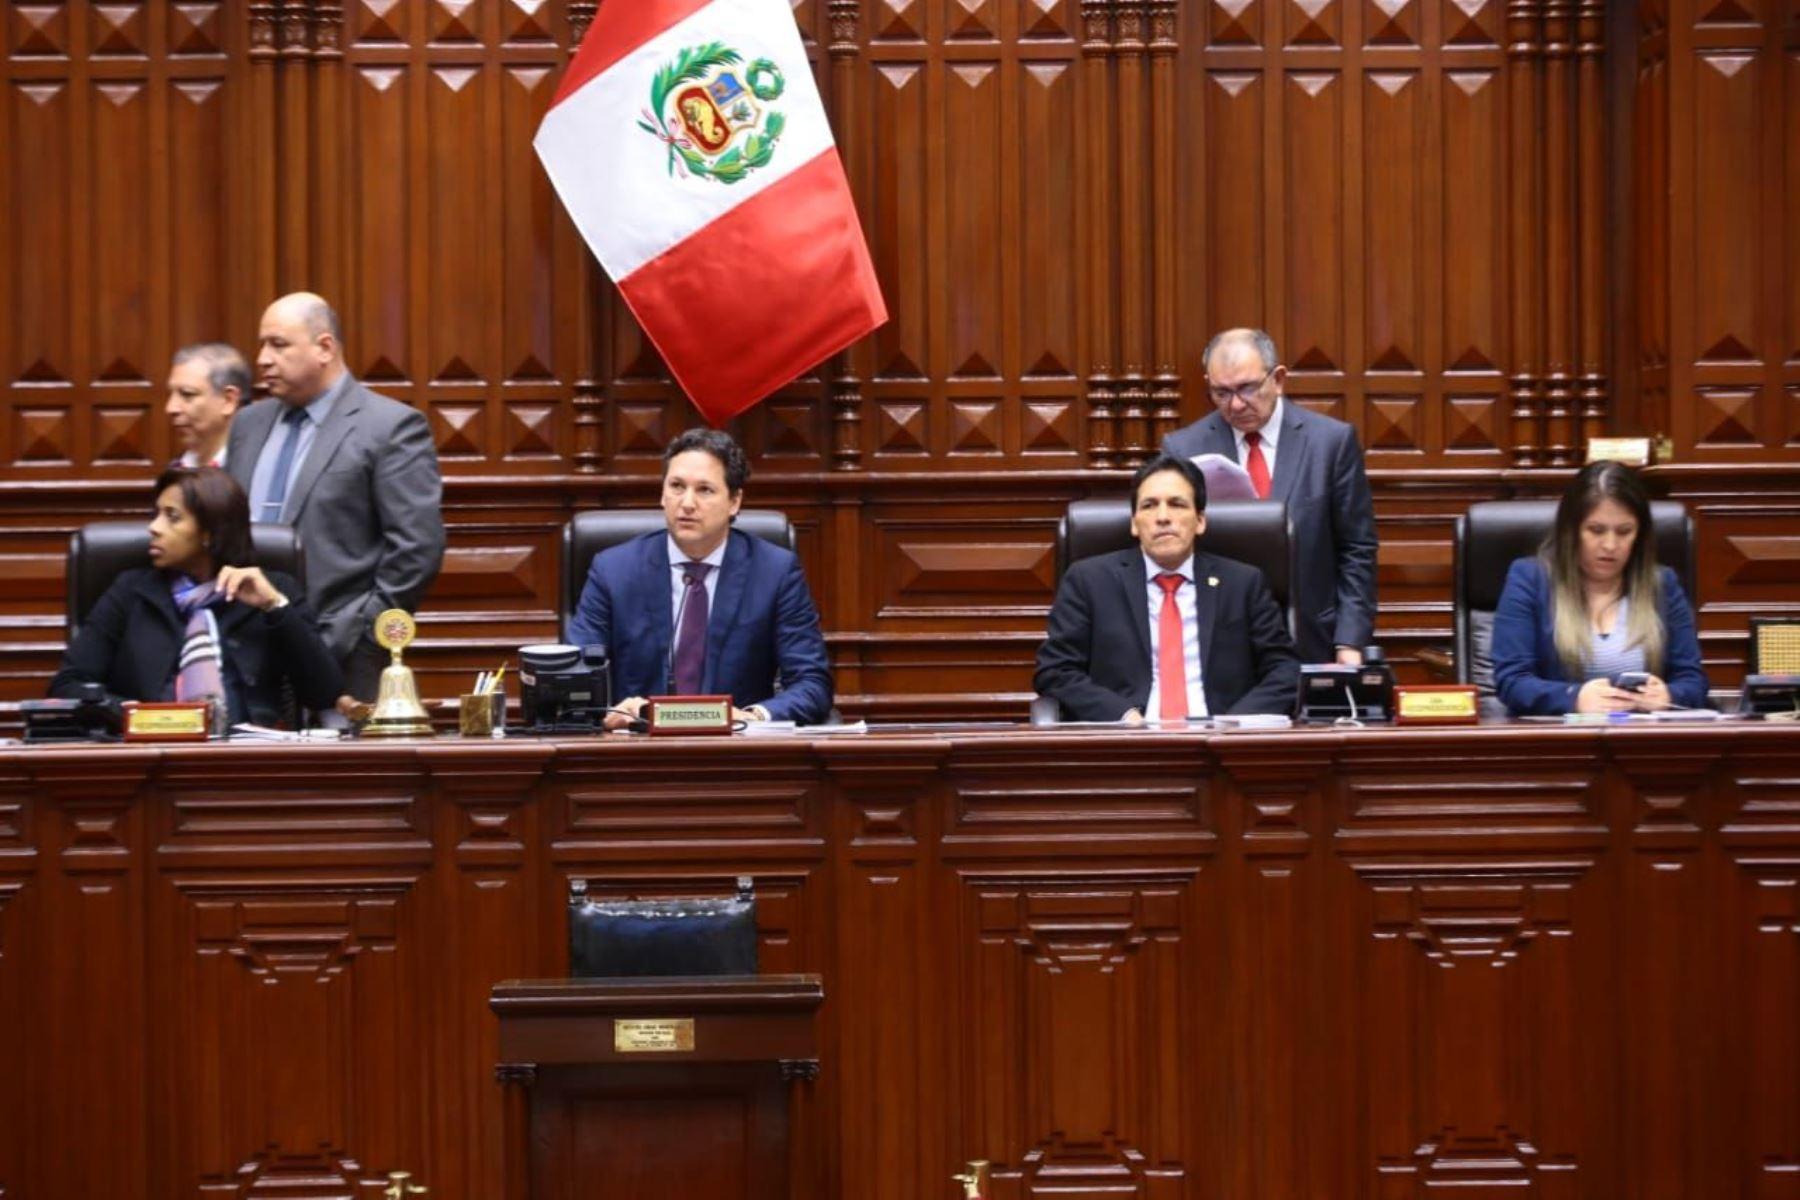 Perú: Informe final del caso Lava Jato excluye a Keiko Fujimori y Alan García